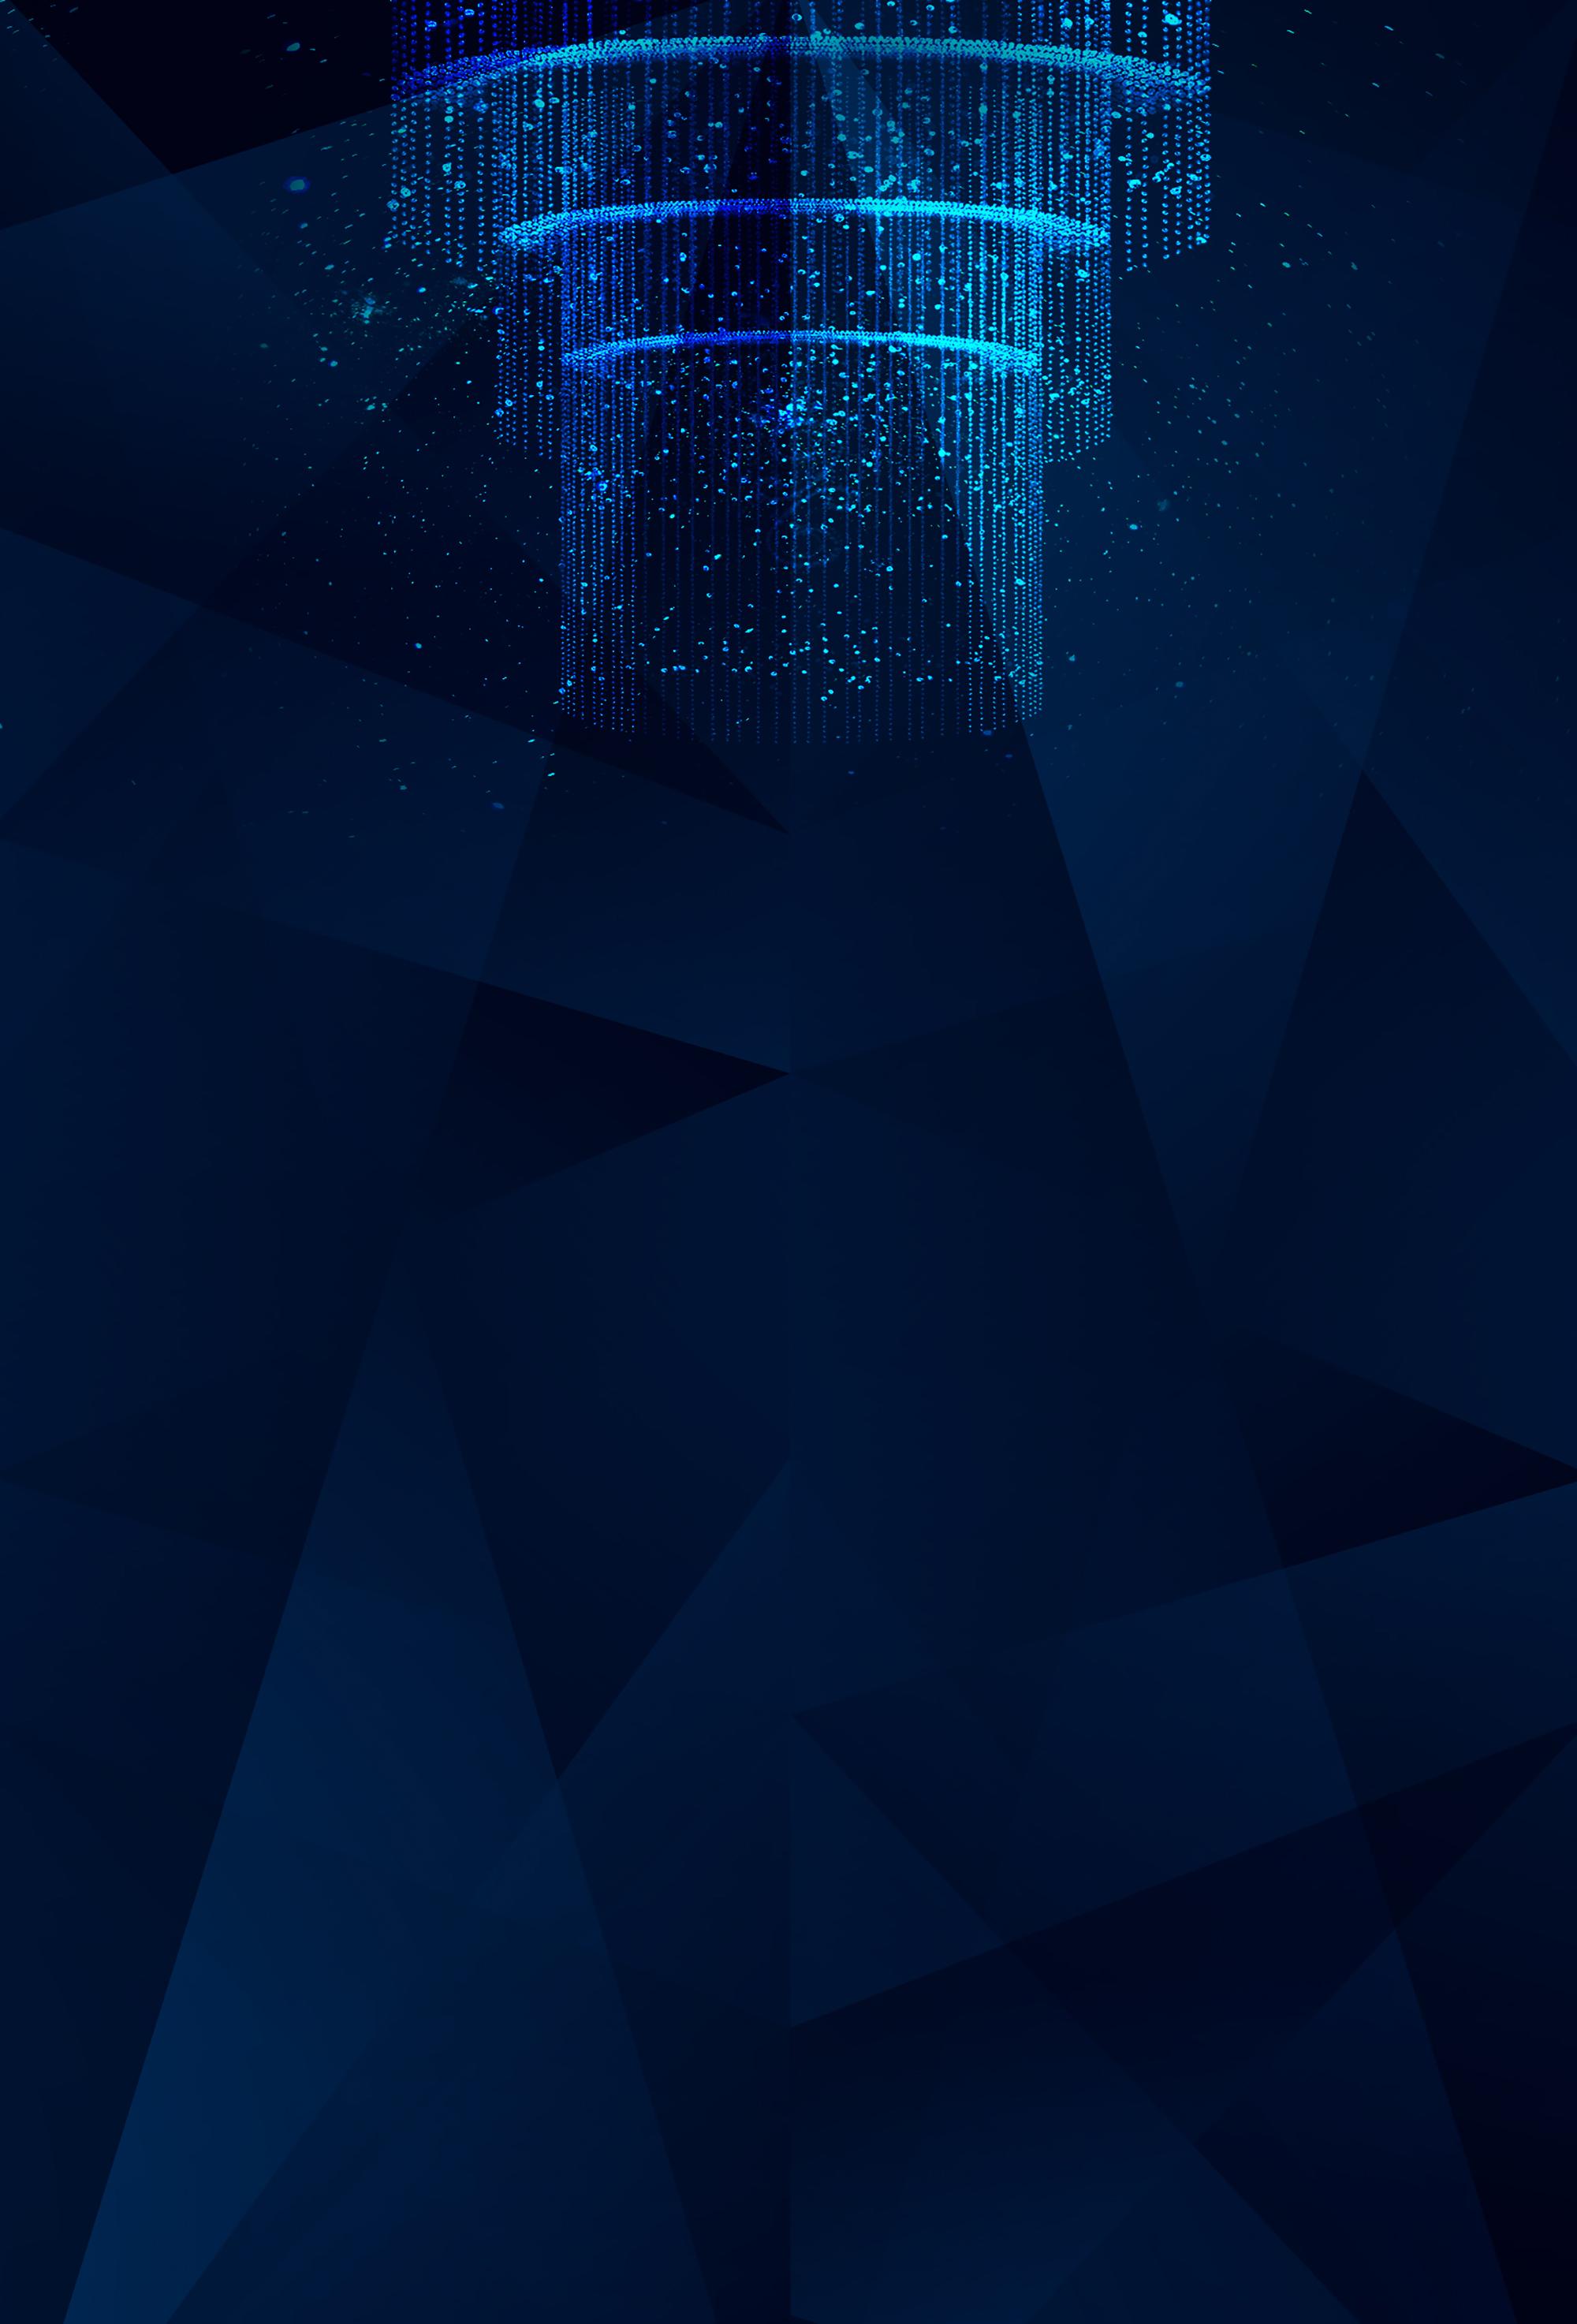 fond de lustre bleu fonc u00e9 bleu fonc u00e9 lustre arri u00e8re plan image de fond pour le t u00e9l u00e9chargement